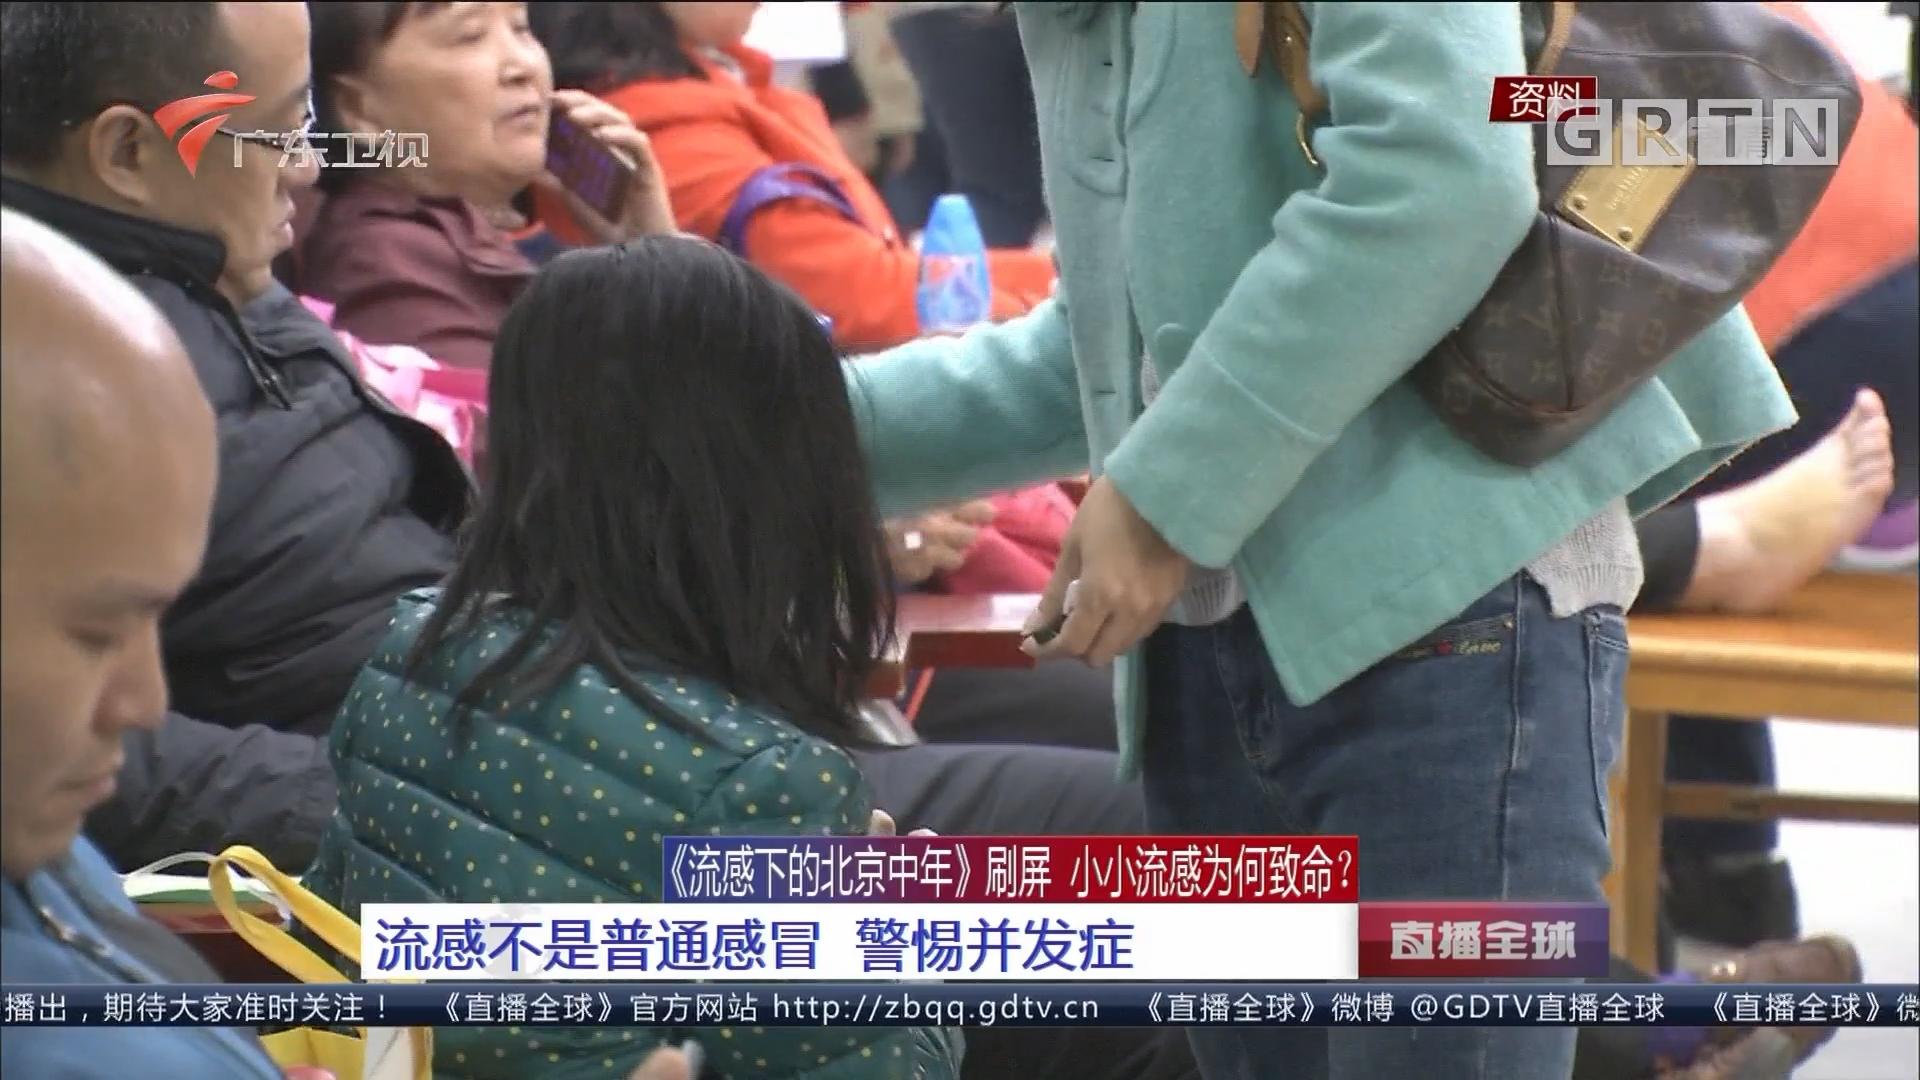 《流感下的北京中年》刷屏 小小流感为何致命? 流感不是普通感冒 警惕并发症